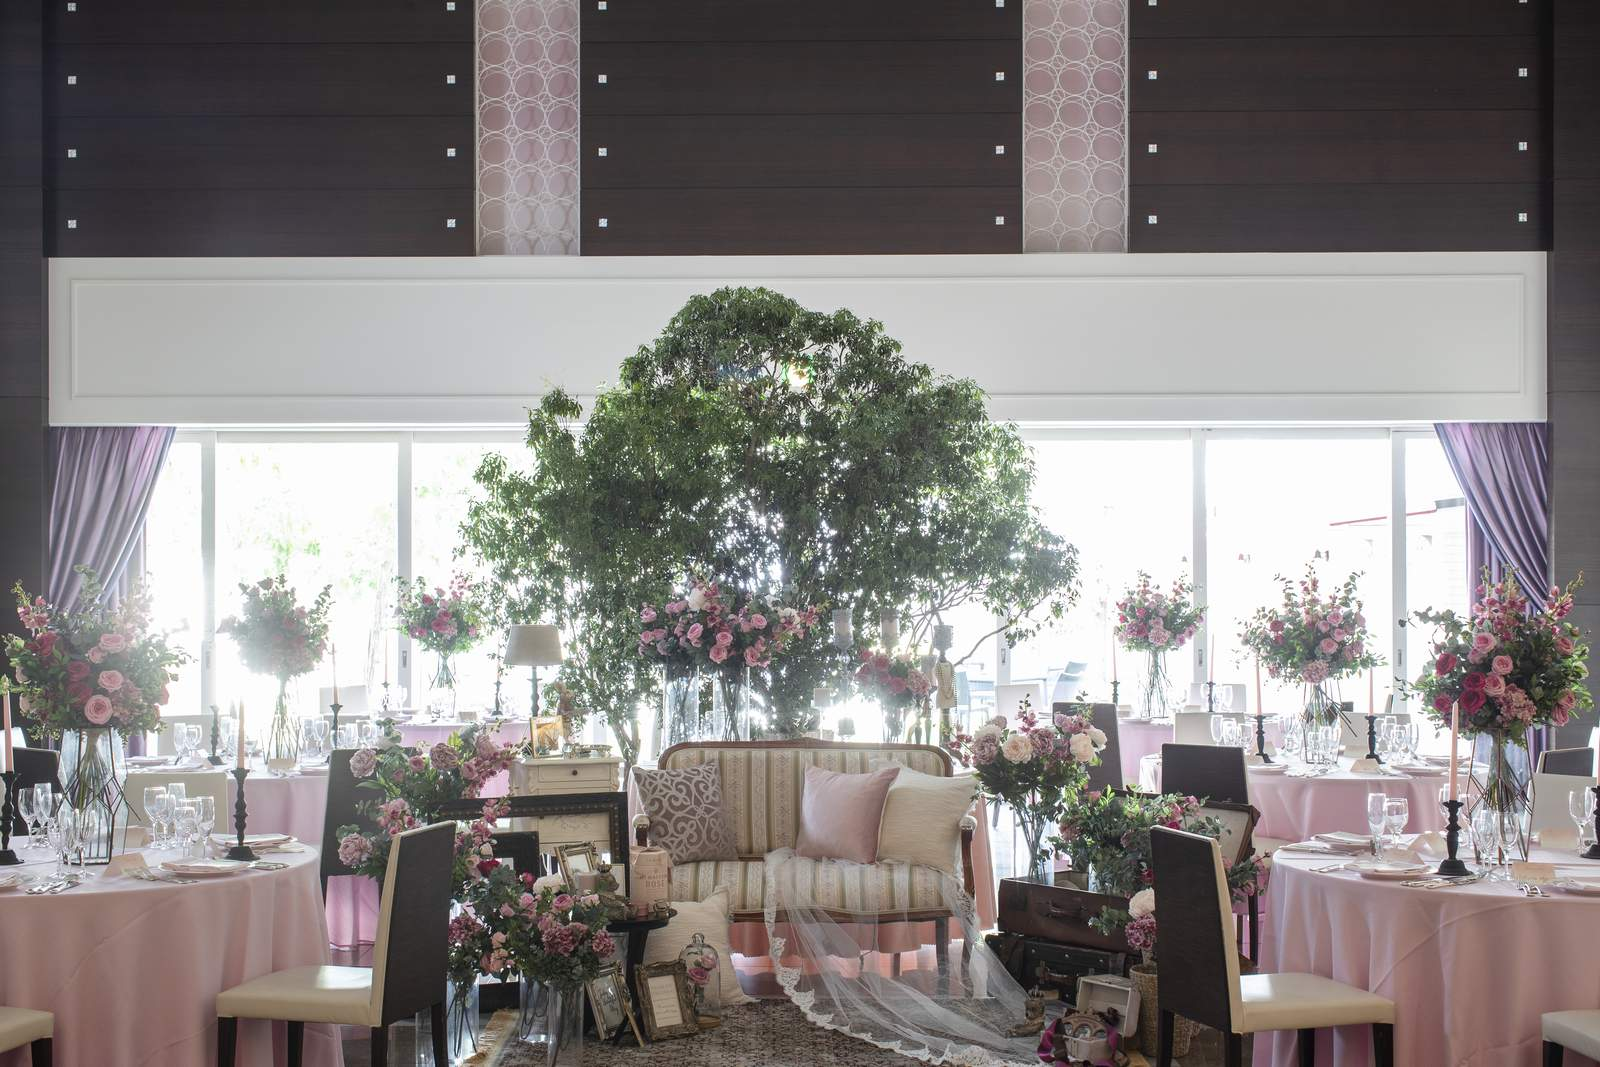 香川県の結婚式場シェルエメールのスイートLの会場コーディネート